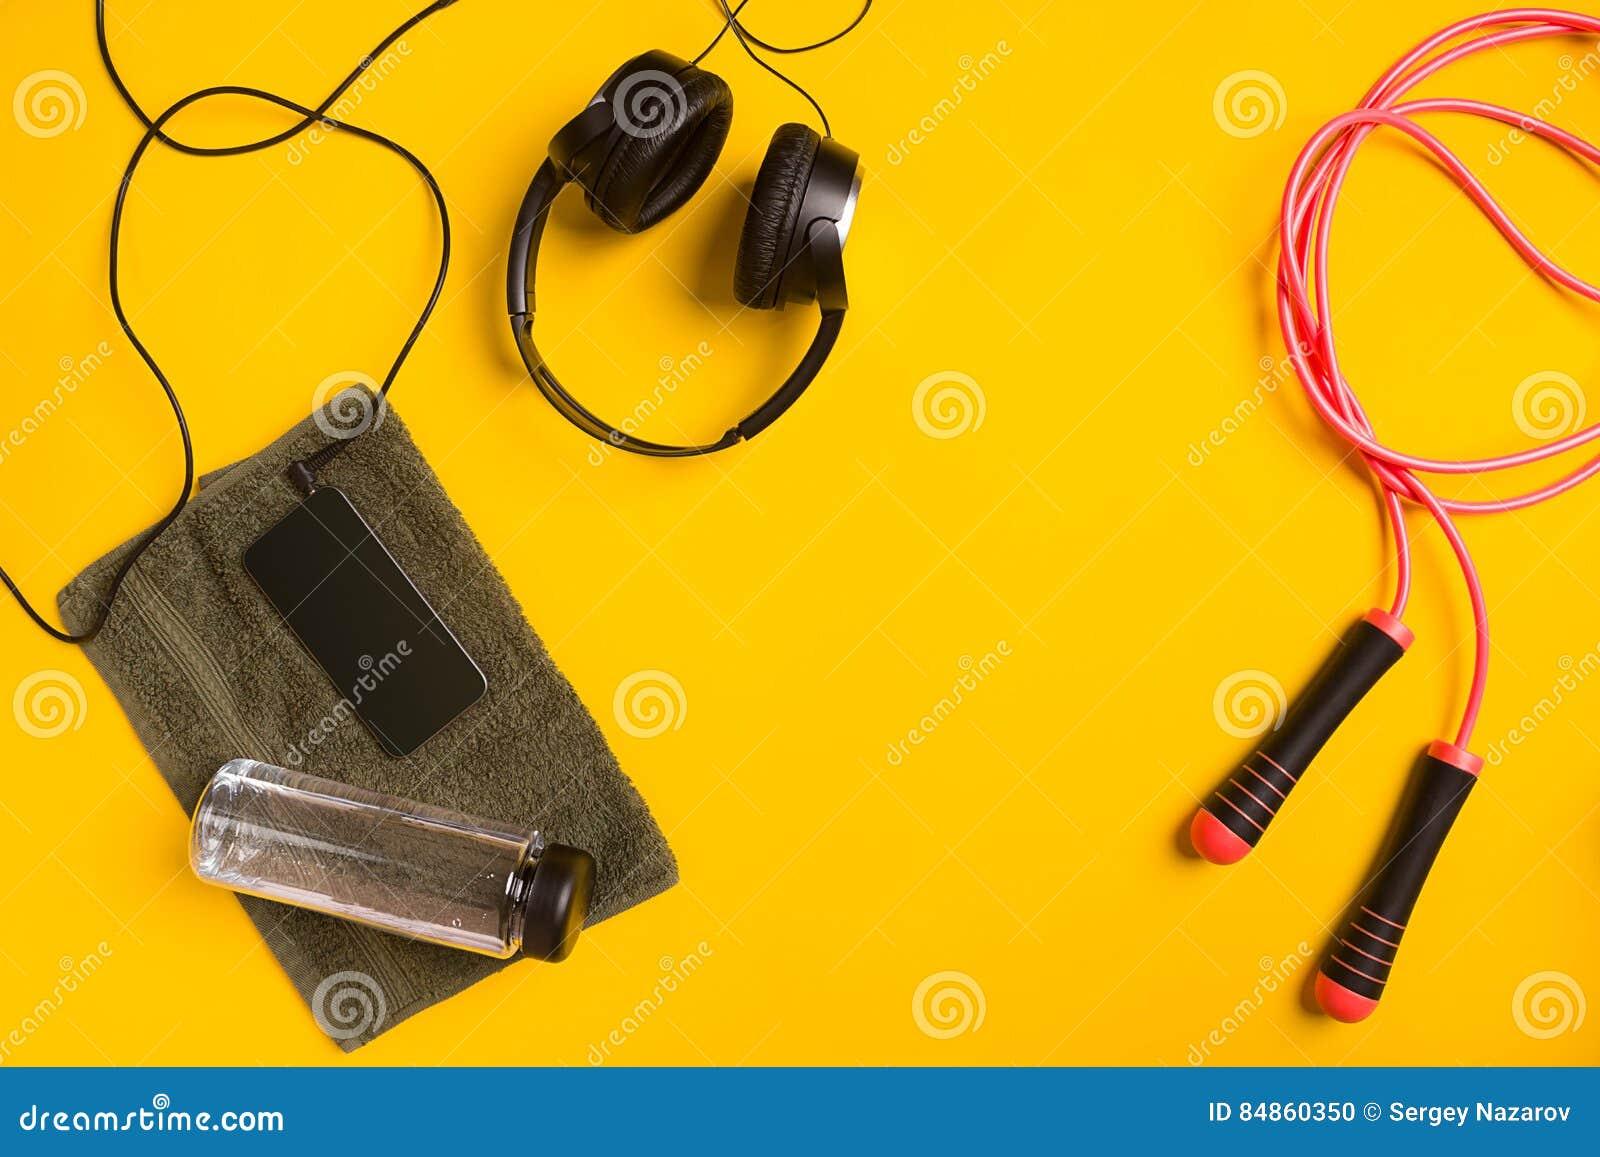 Εξαρτήματα ικανότητας σε ένα κίτρινο υπόβαθρο πηδώντας σχοινί, μπουκάλι νερό, πετσέτα και ακουστικά